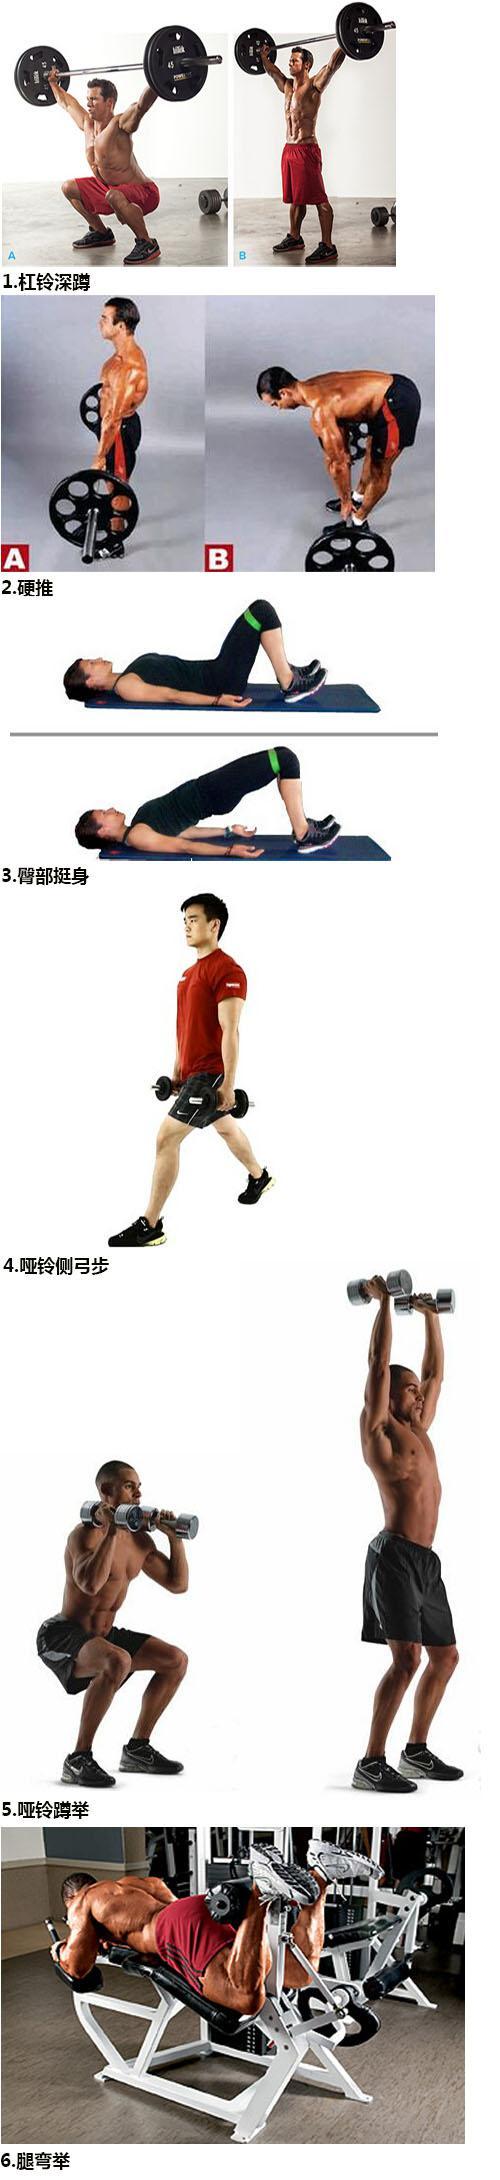 男性腿部练习设计(图解)-追梦健身网